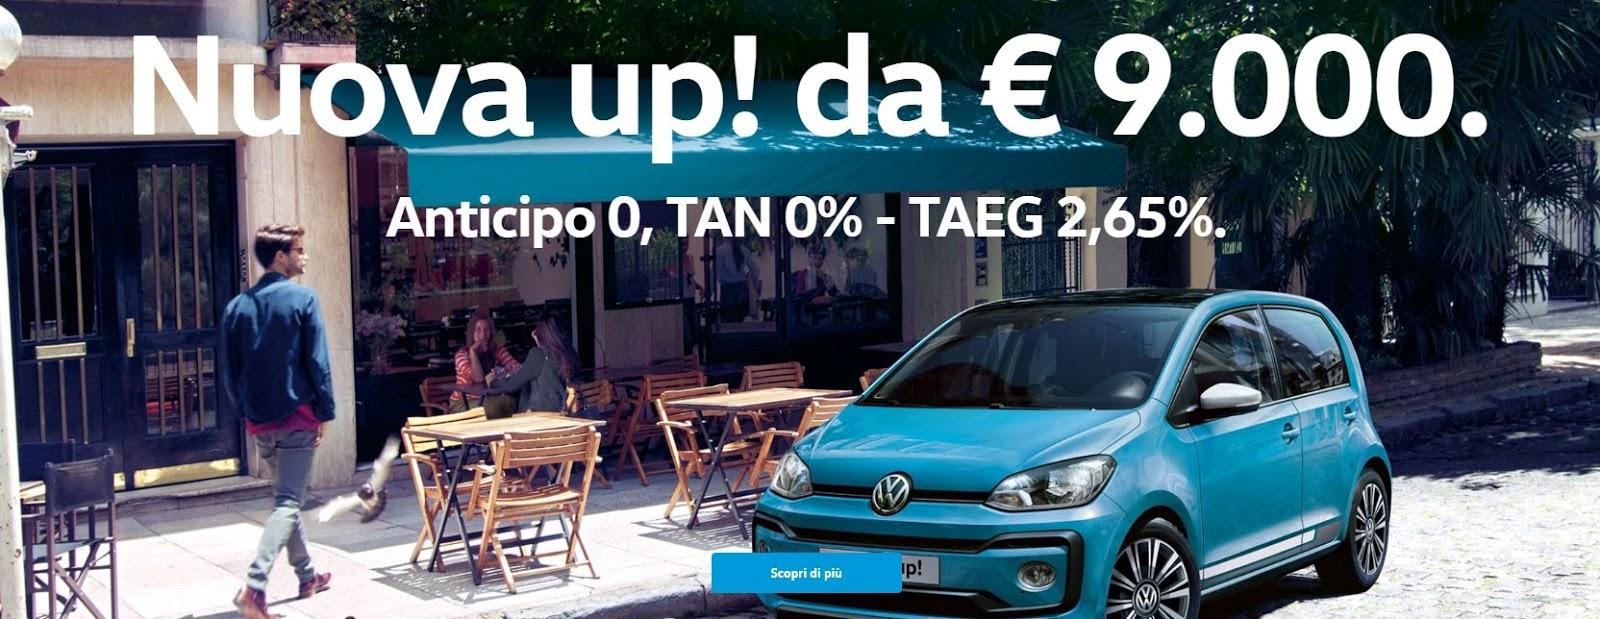 Offerte Volkswagen promozione nuova Up - Febbraio 2017